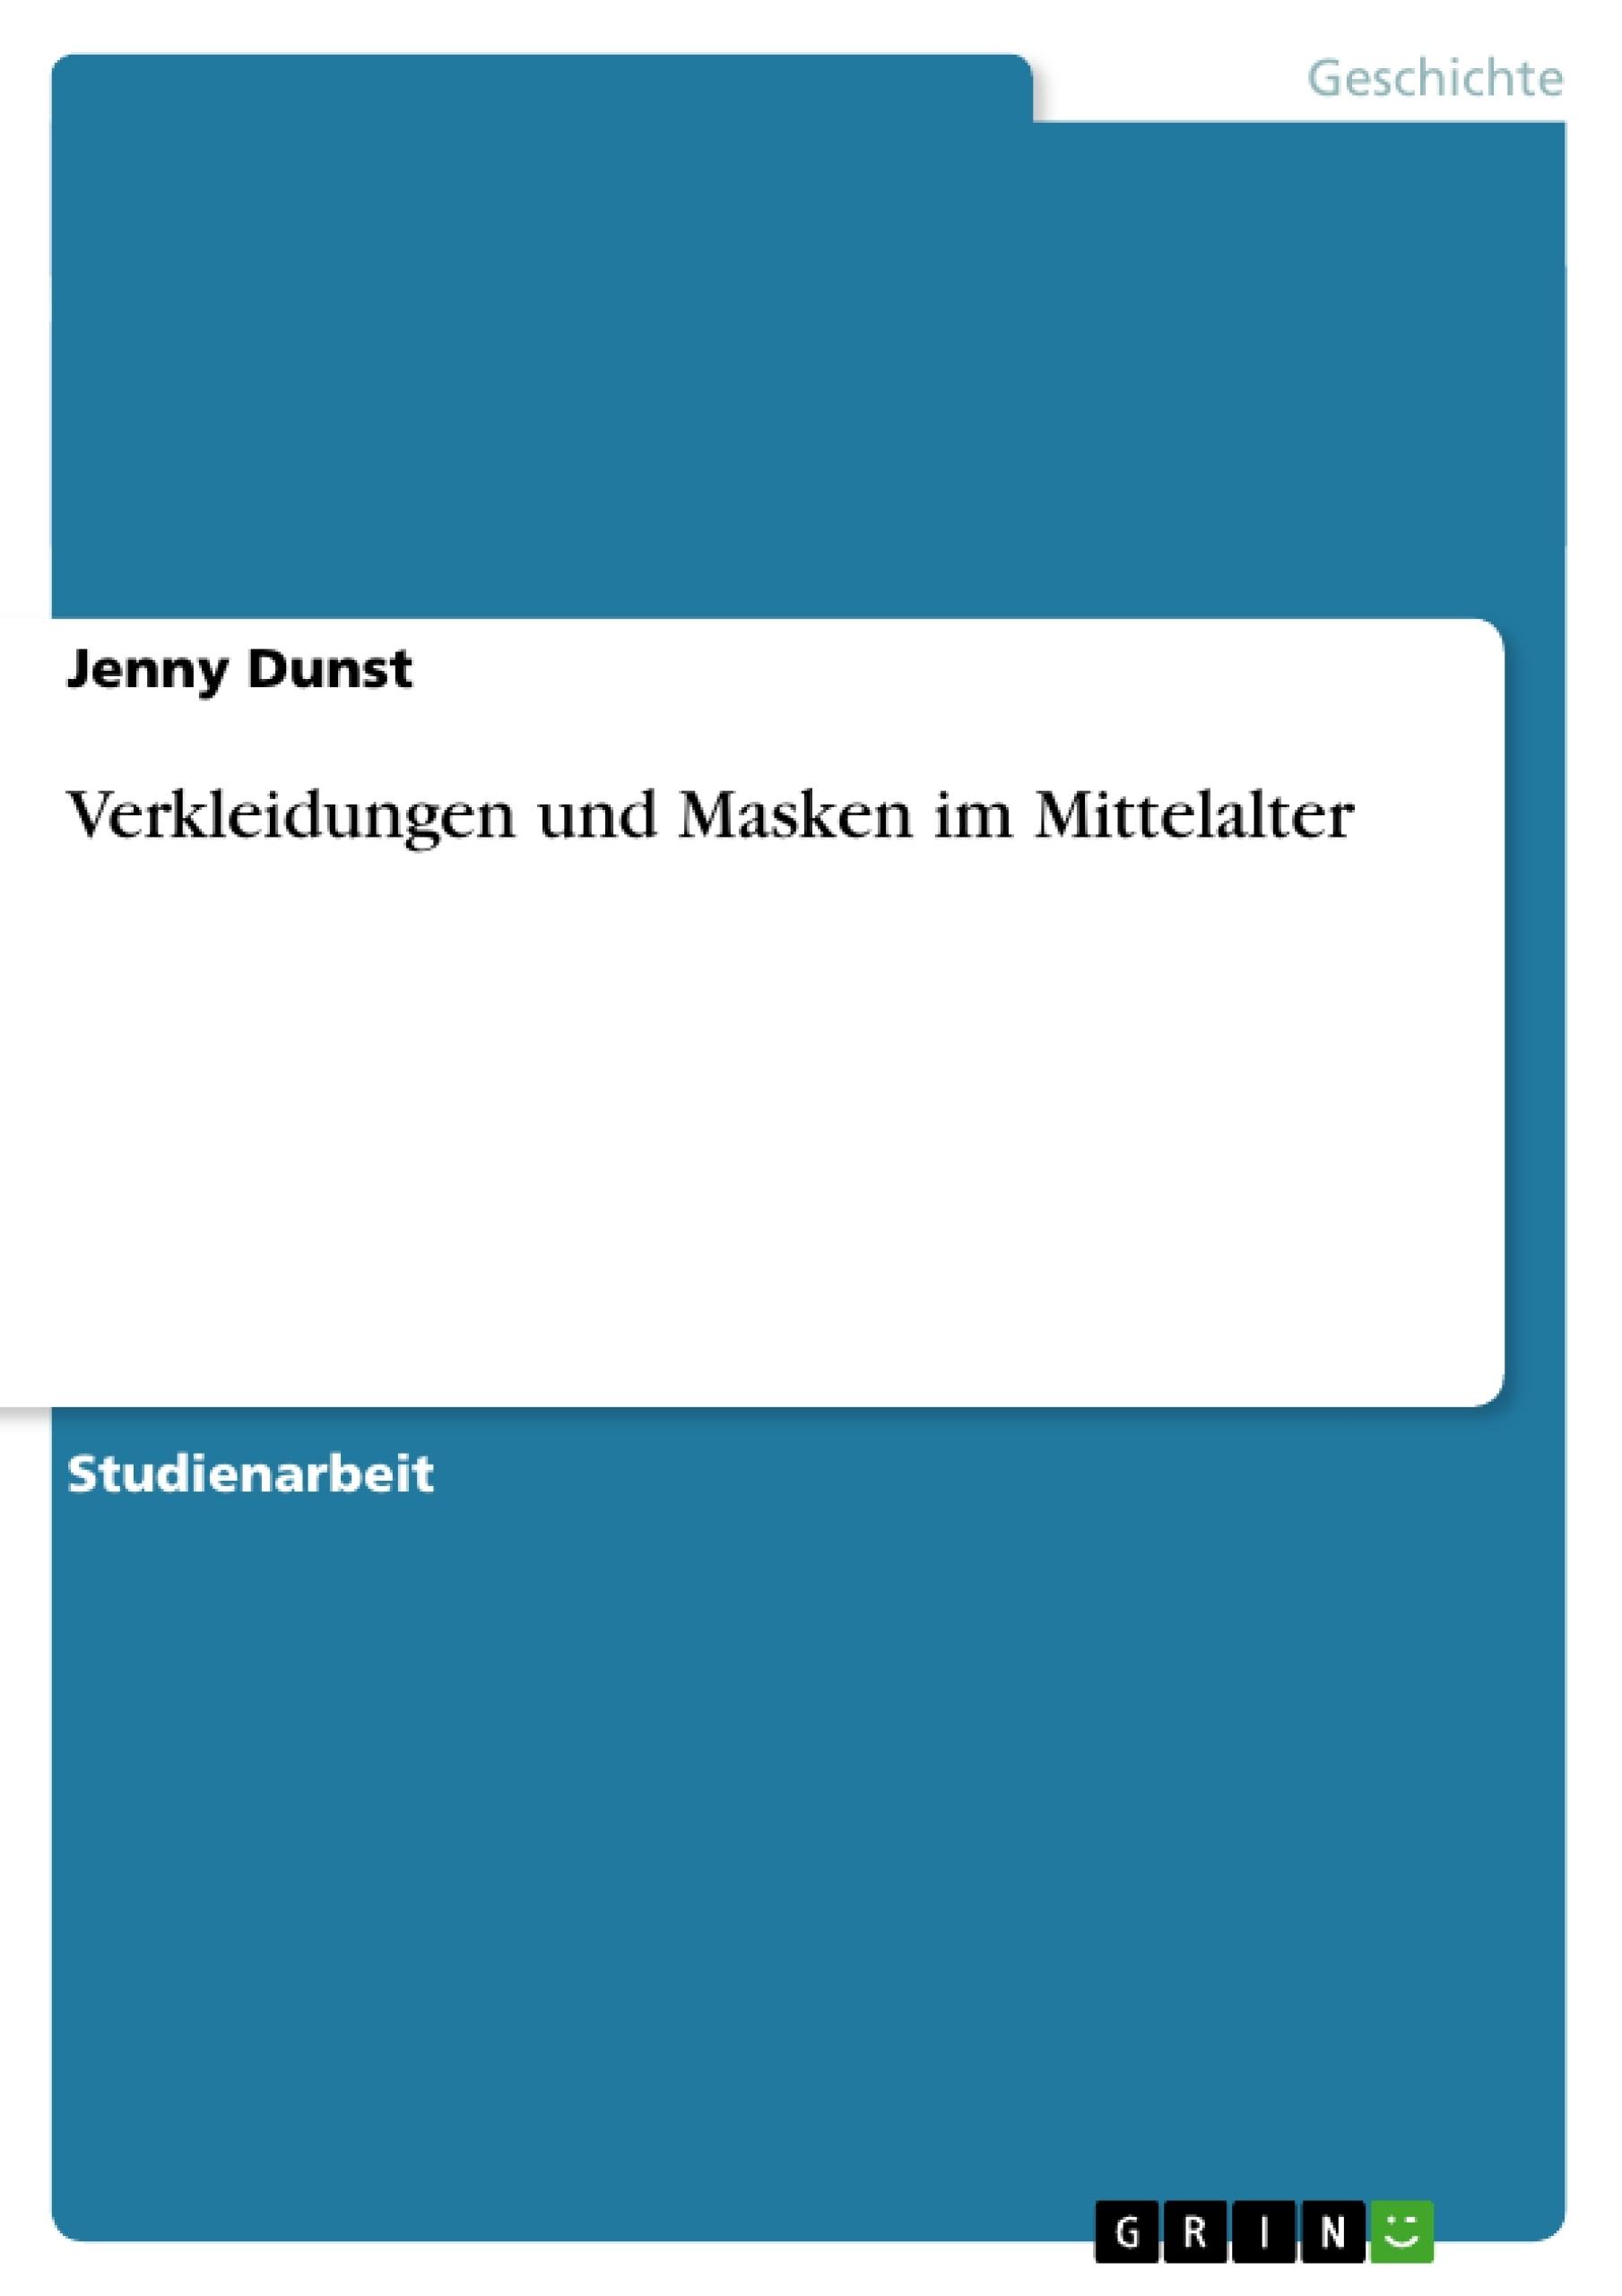 Titel: Verkleidungen und Masken im Mittelalter